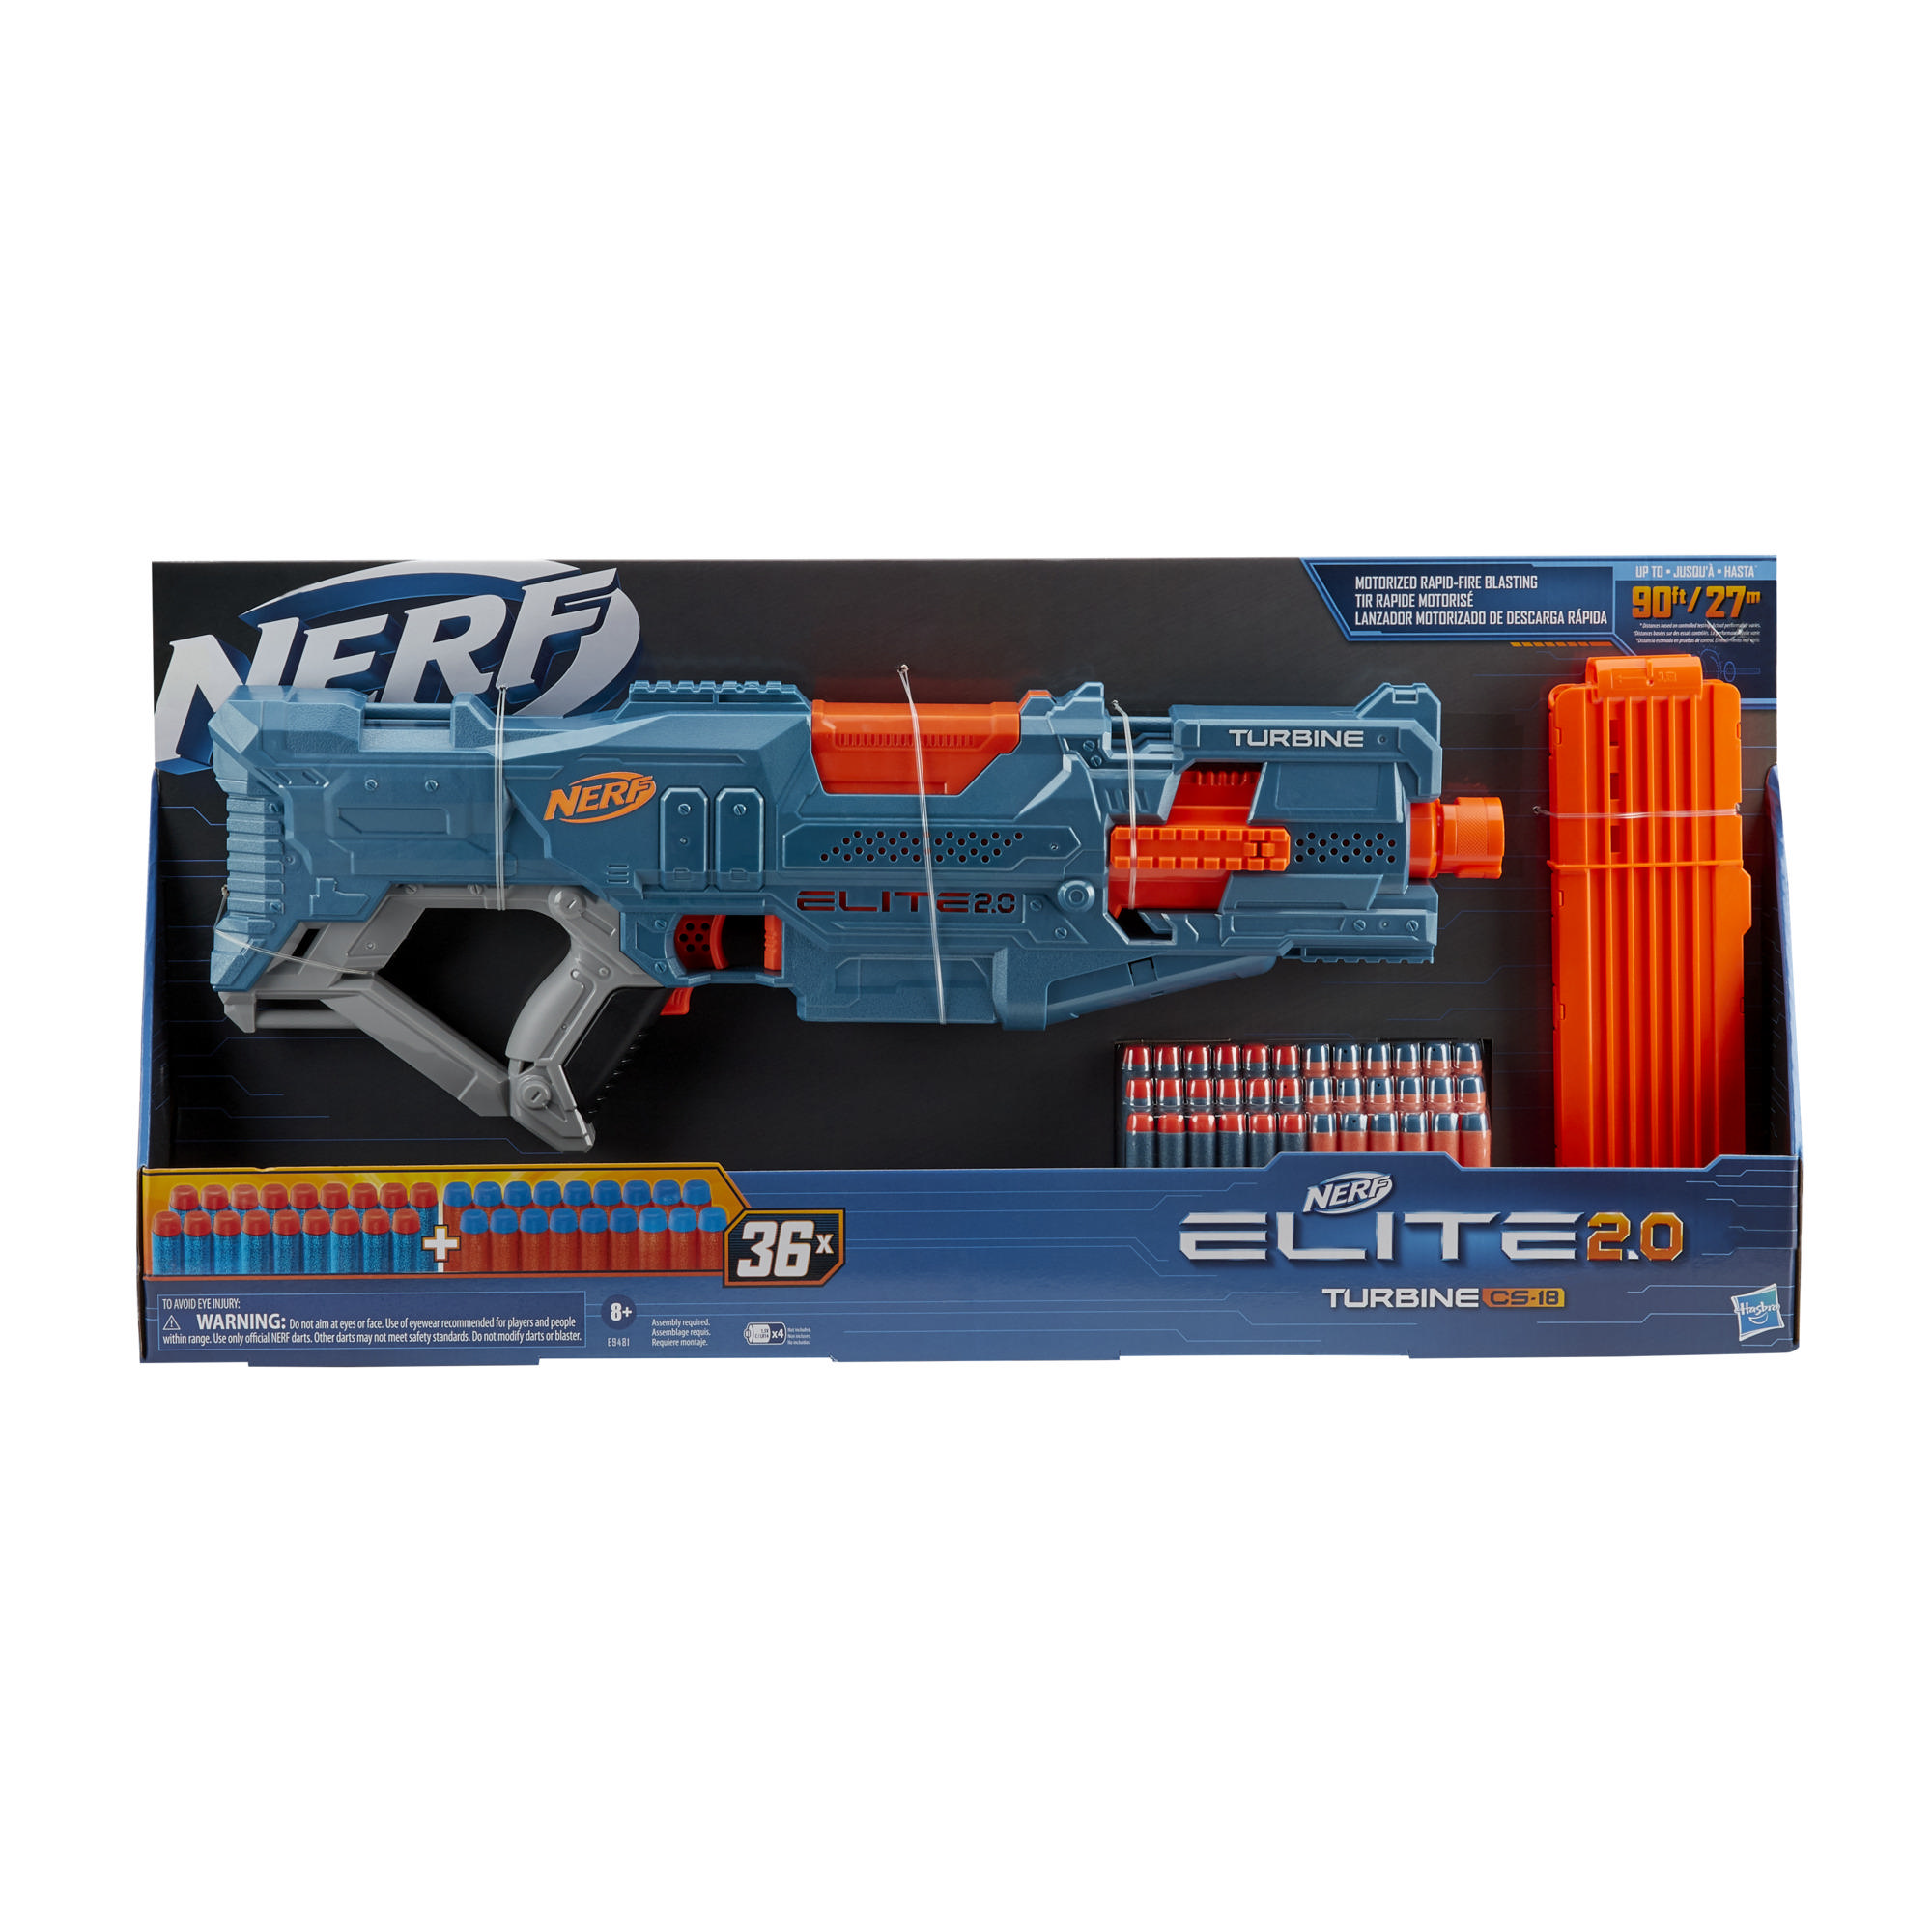 Blaster motorizat Nerf Elite 2.0 Turbine CS-18, 36 de sageti oficiale Nerf, incarcator pentru 18 sageti, capacitati de personalizare incorporate